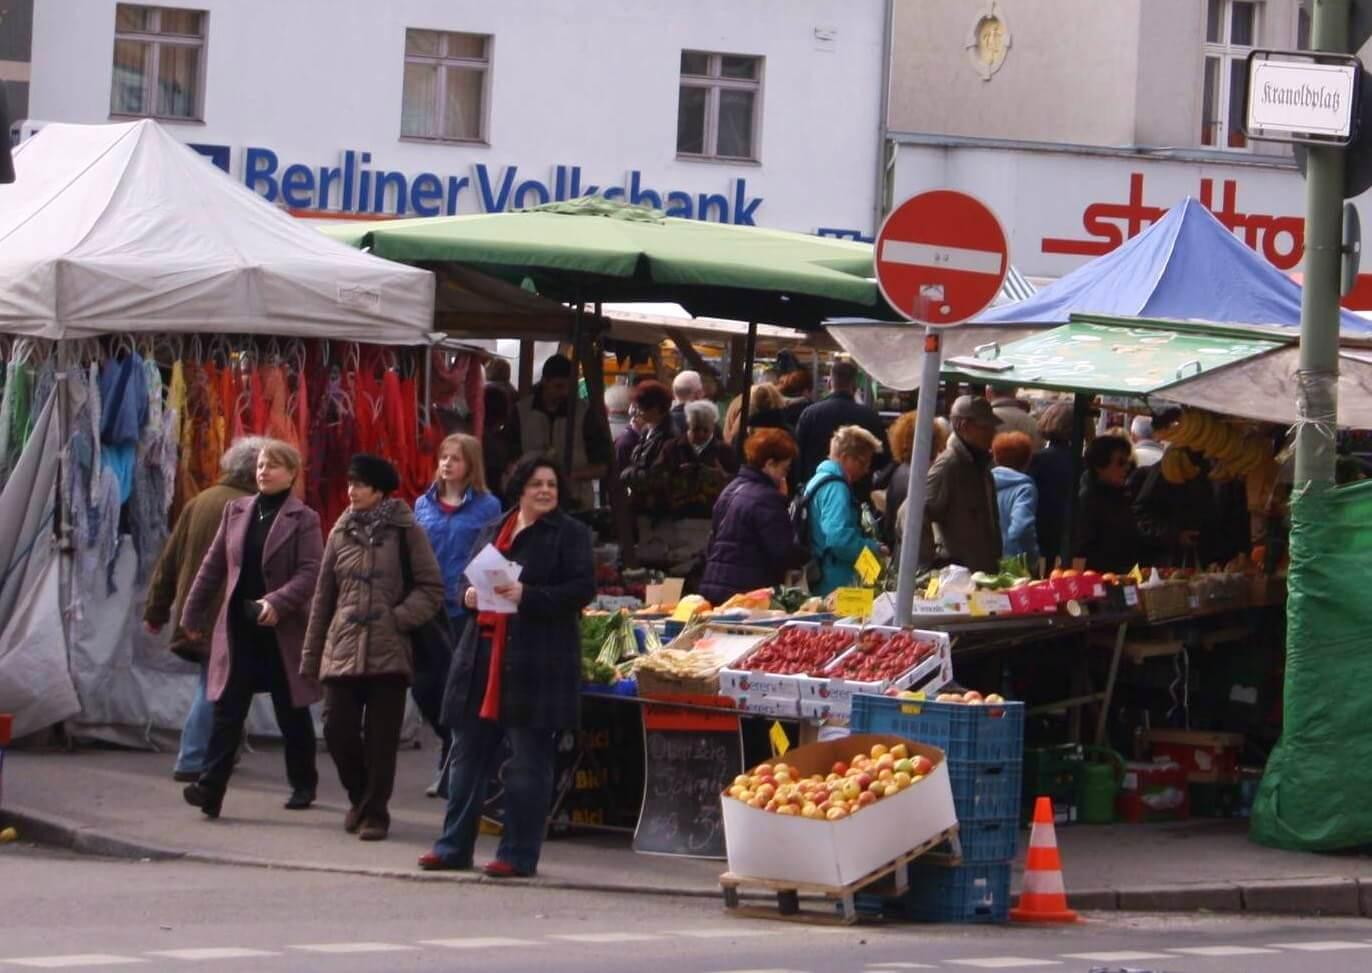 """""""Wir wollen den Markt nicht kaputt machen"""": BI Kranoldplatz wehrt sich gegen Vorwürfe"""